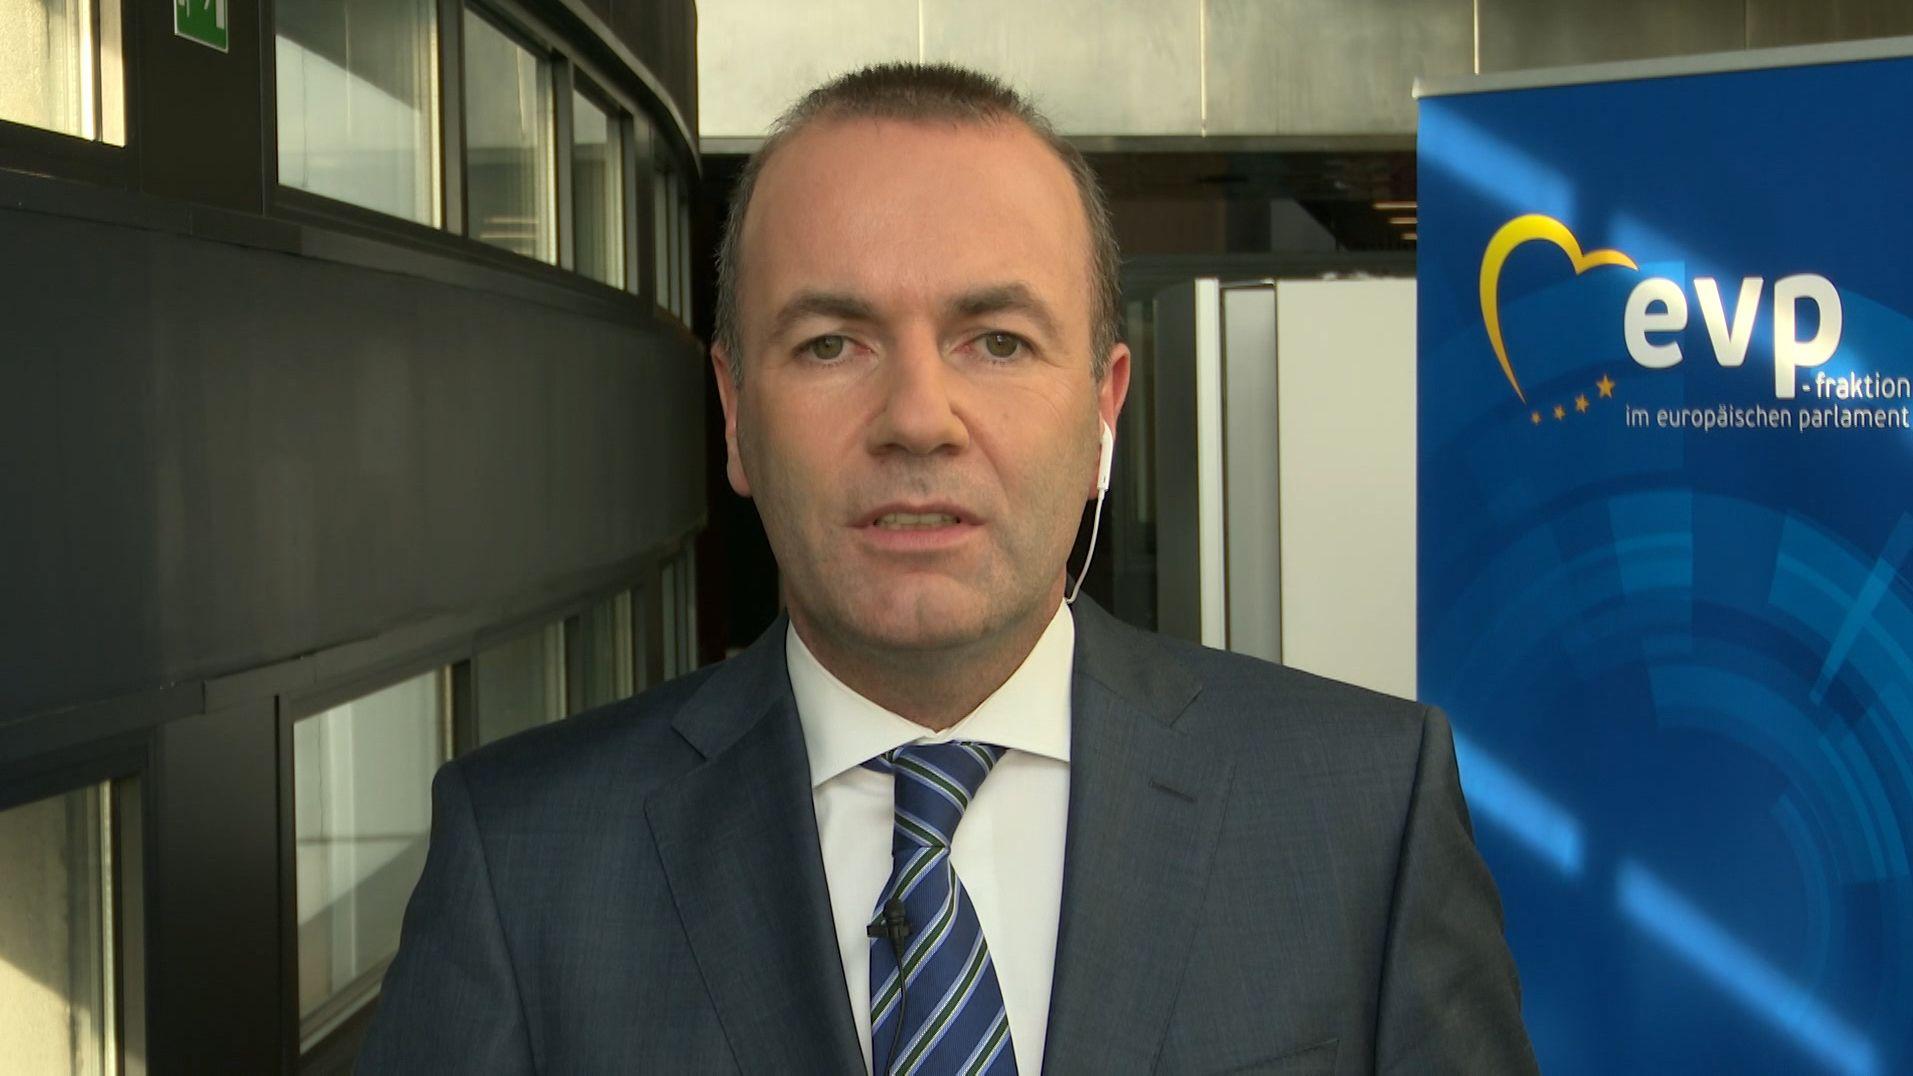 EU-Abgeordneter Manfred Weber